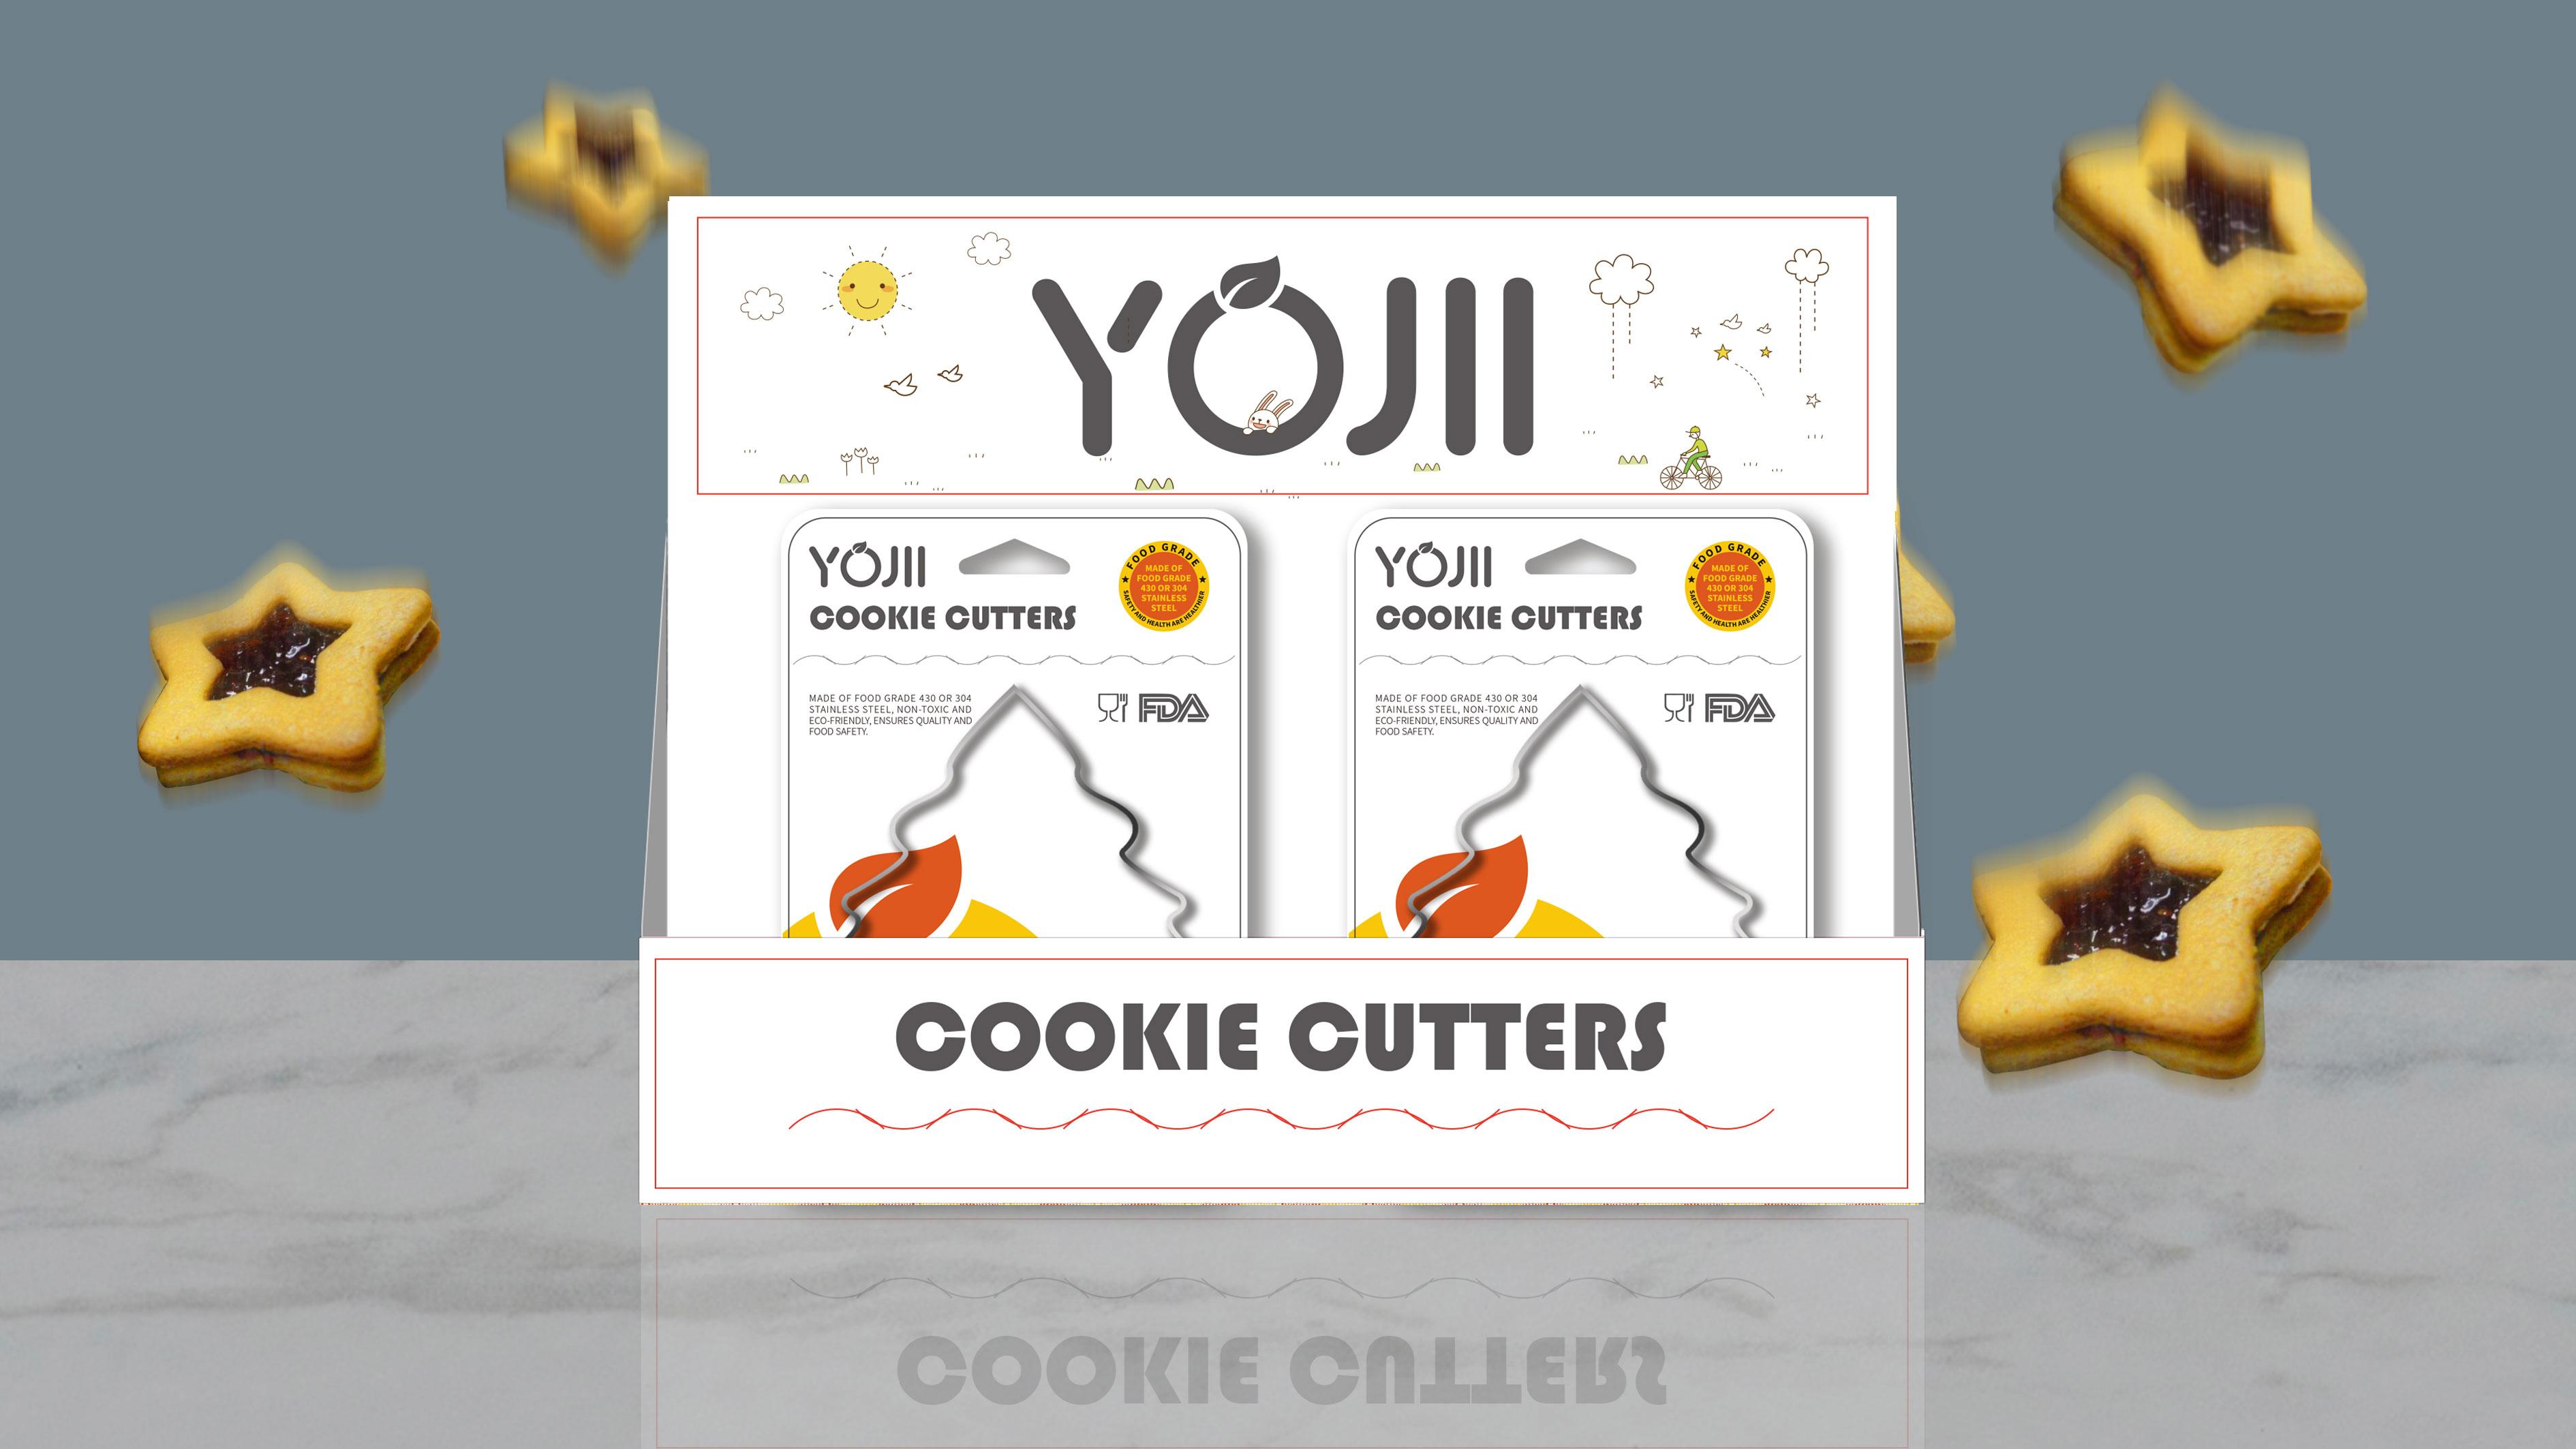 荣晋饼干模具包装设计